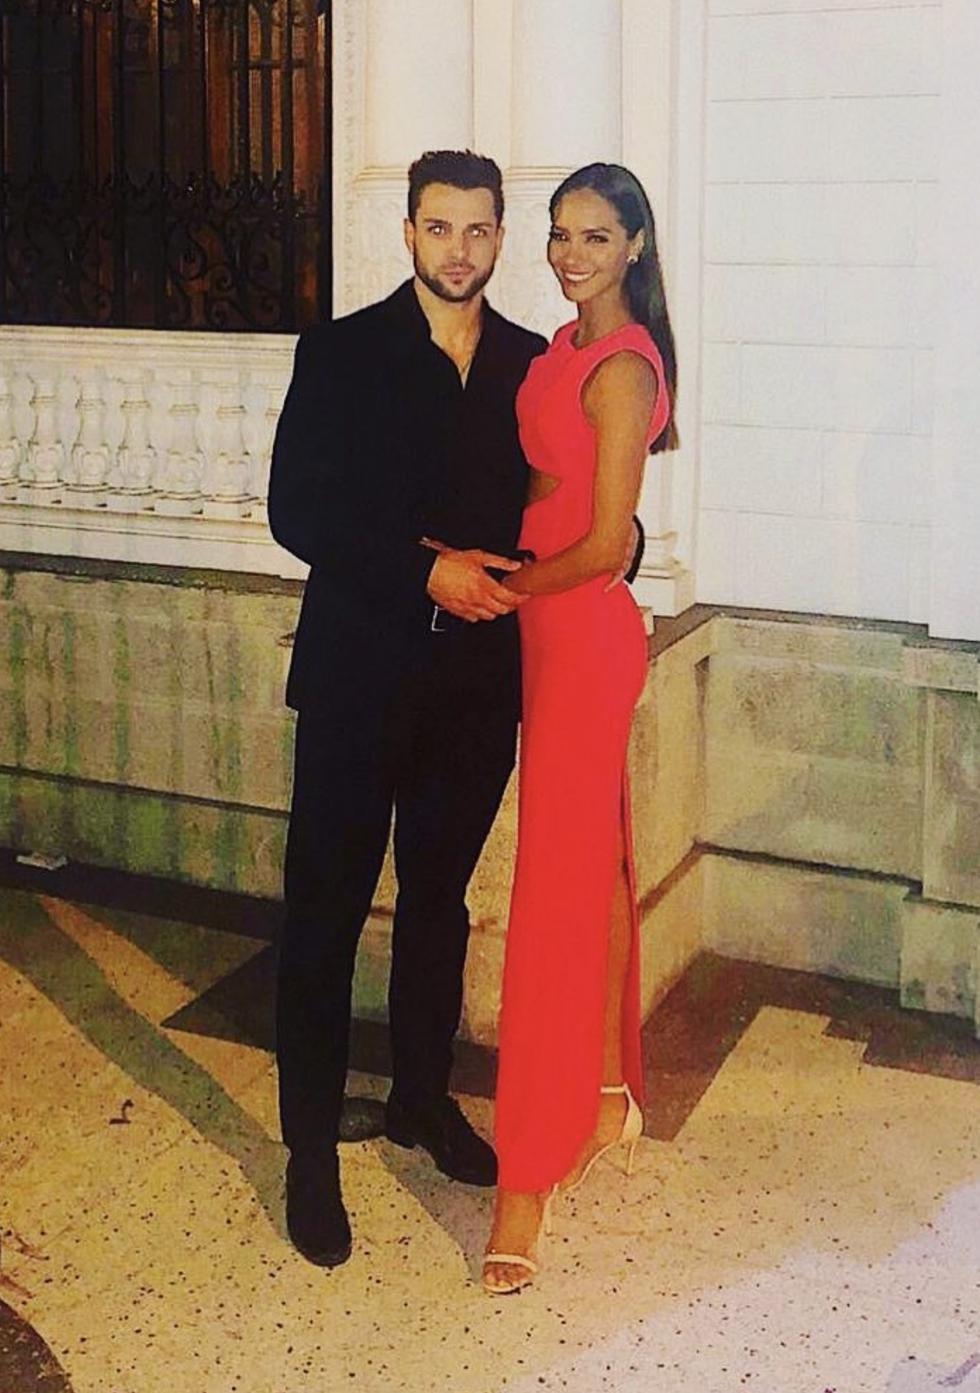 Nicola Porcella y Romina Lozano posan juntos en un matrimonio.